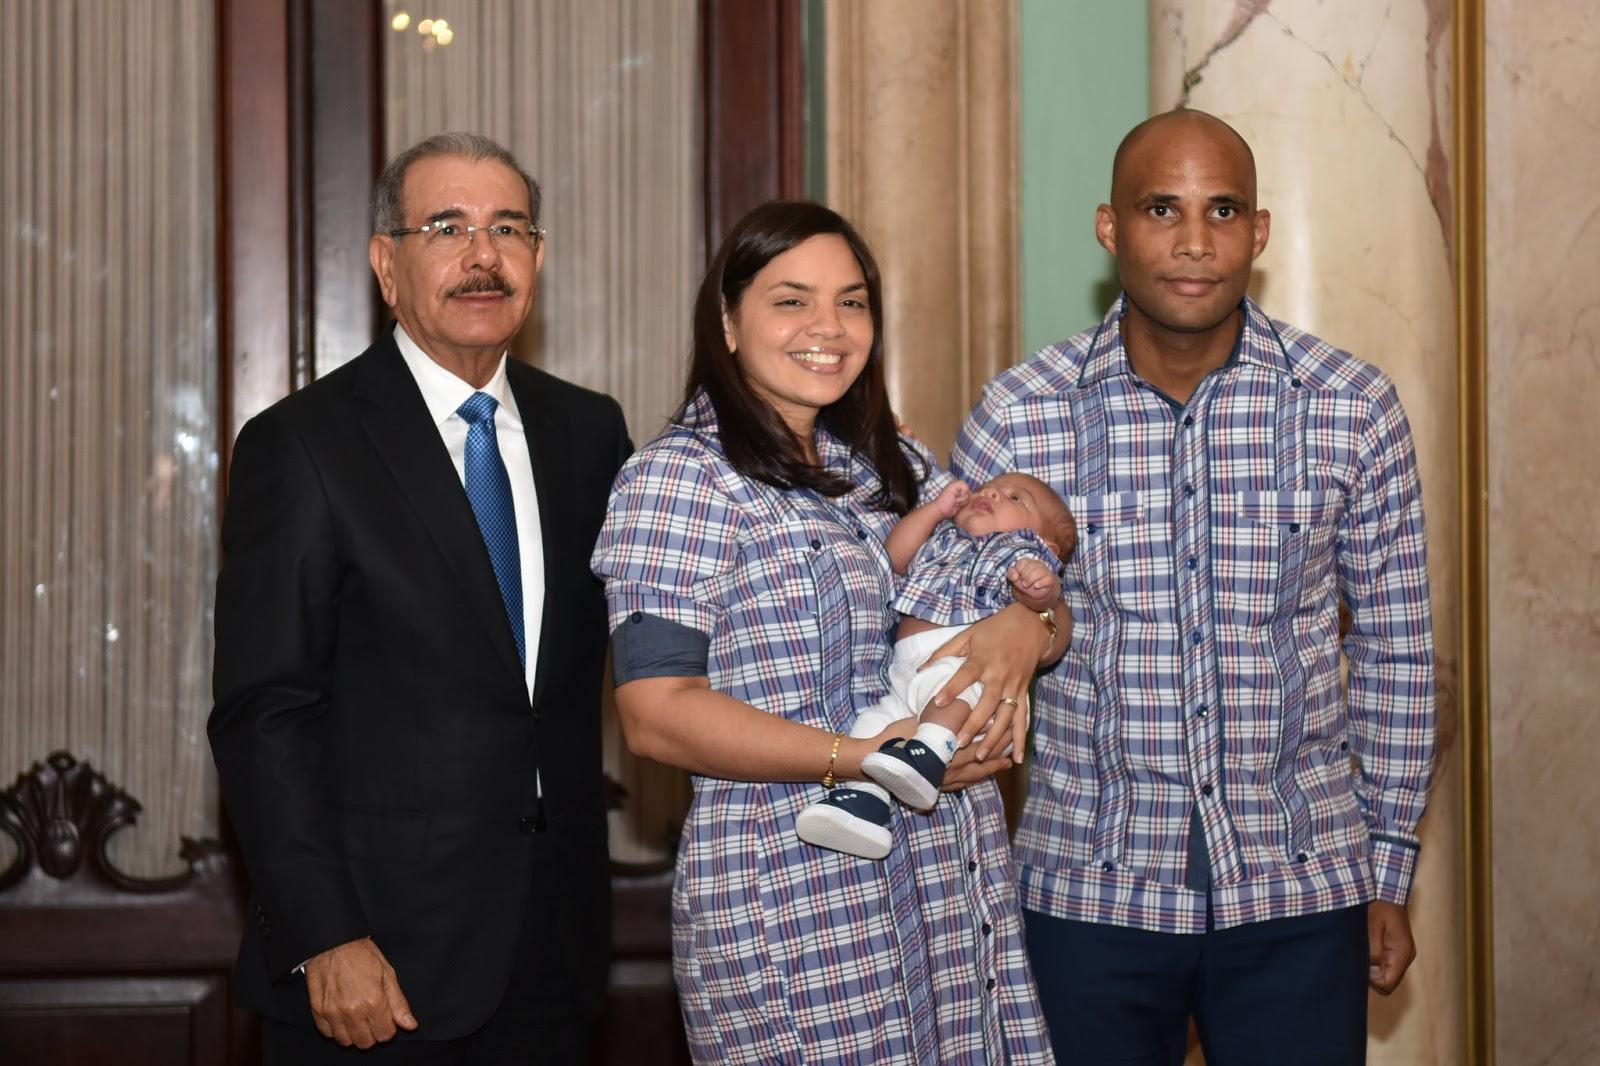 Danilo Medina ofrece agasajo a miembros del Cuerpo de Seguridad Presidencial y sus familias